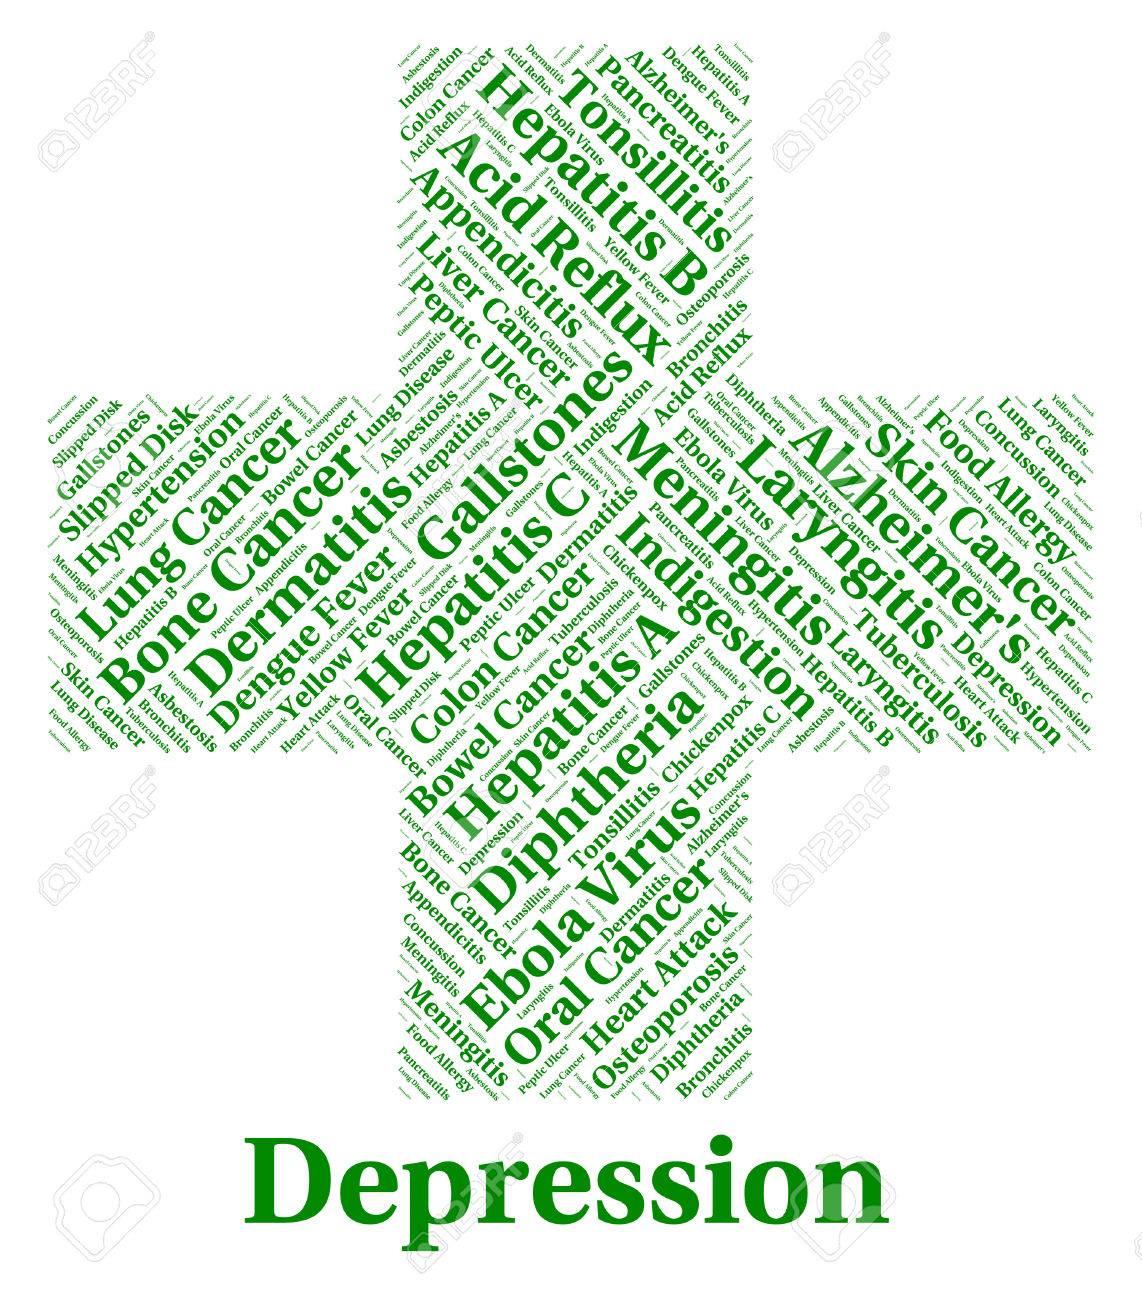 Depresión Palabra Significado Perdido La Esperanza Y Desorden Fotos